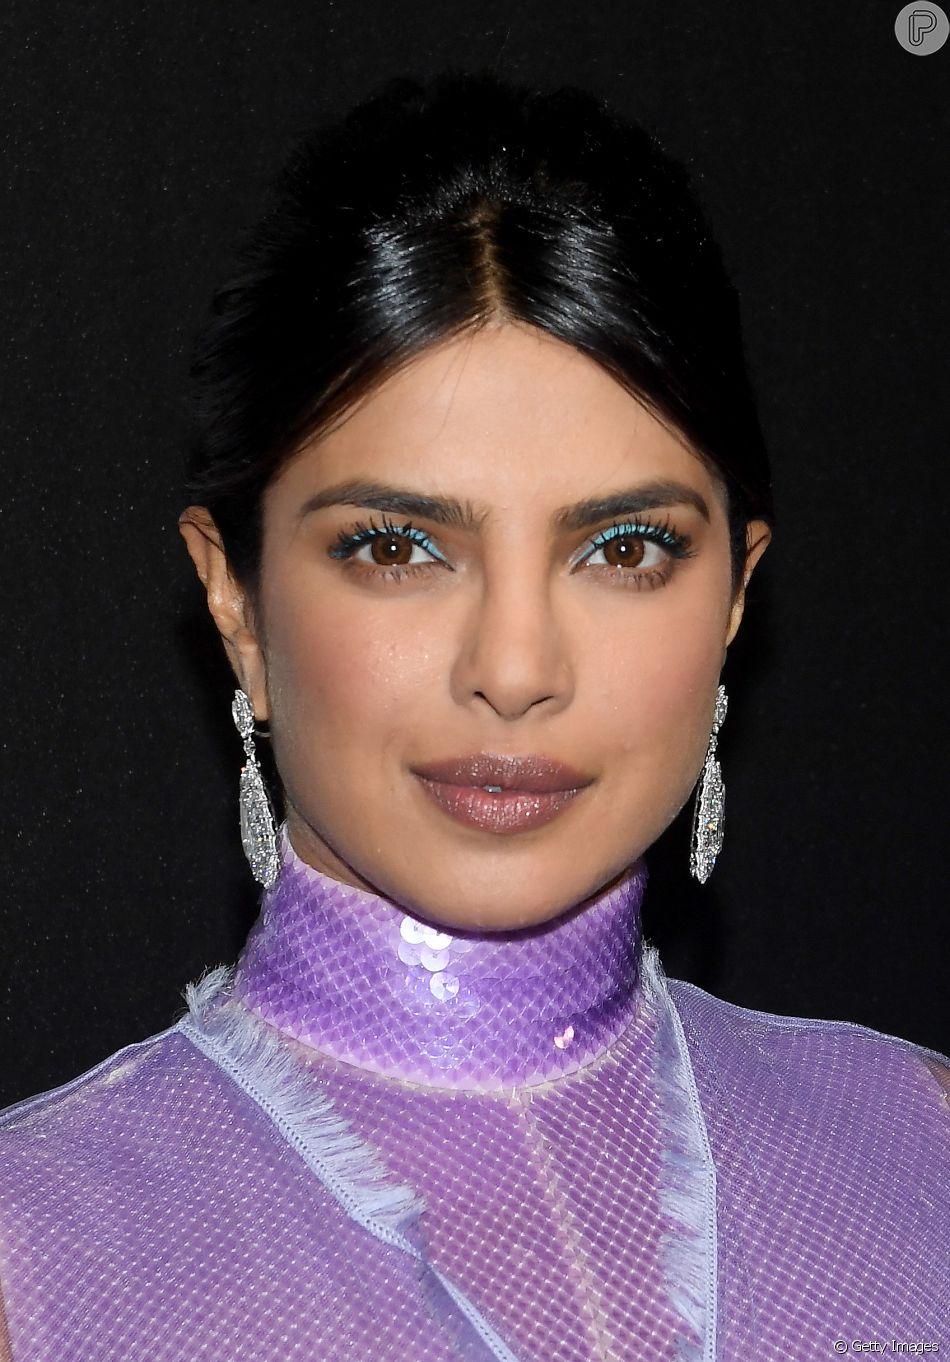 Maquiagem das famosas: Priyanka Chopa apostou no tom de turquesa para o delineado nos olhos. Um toque de cor e muita diferença